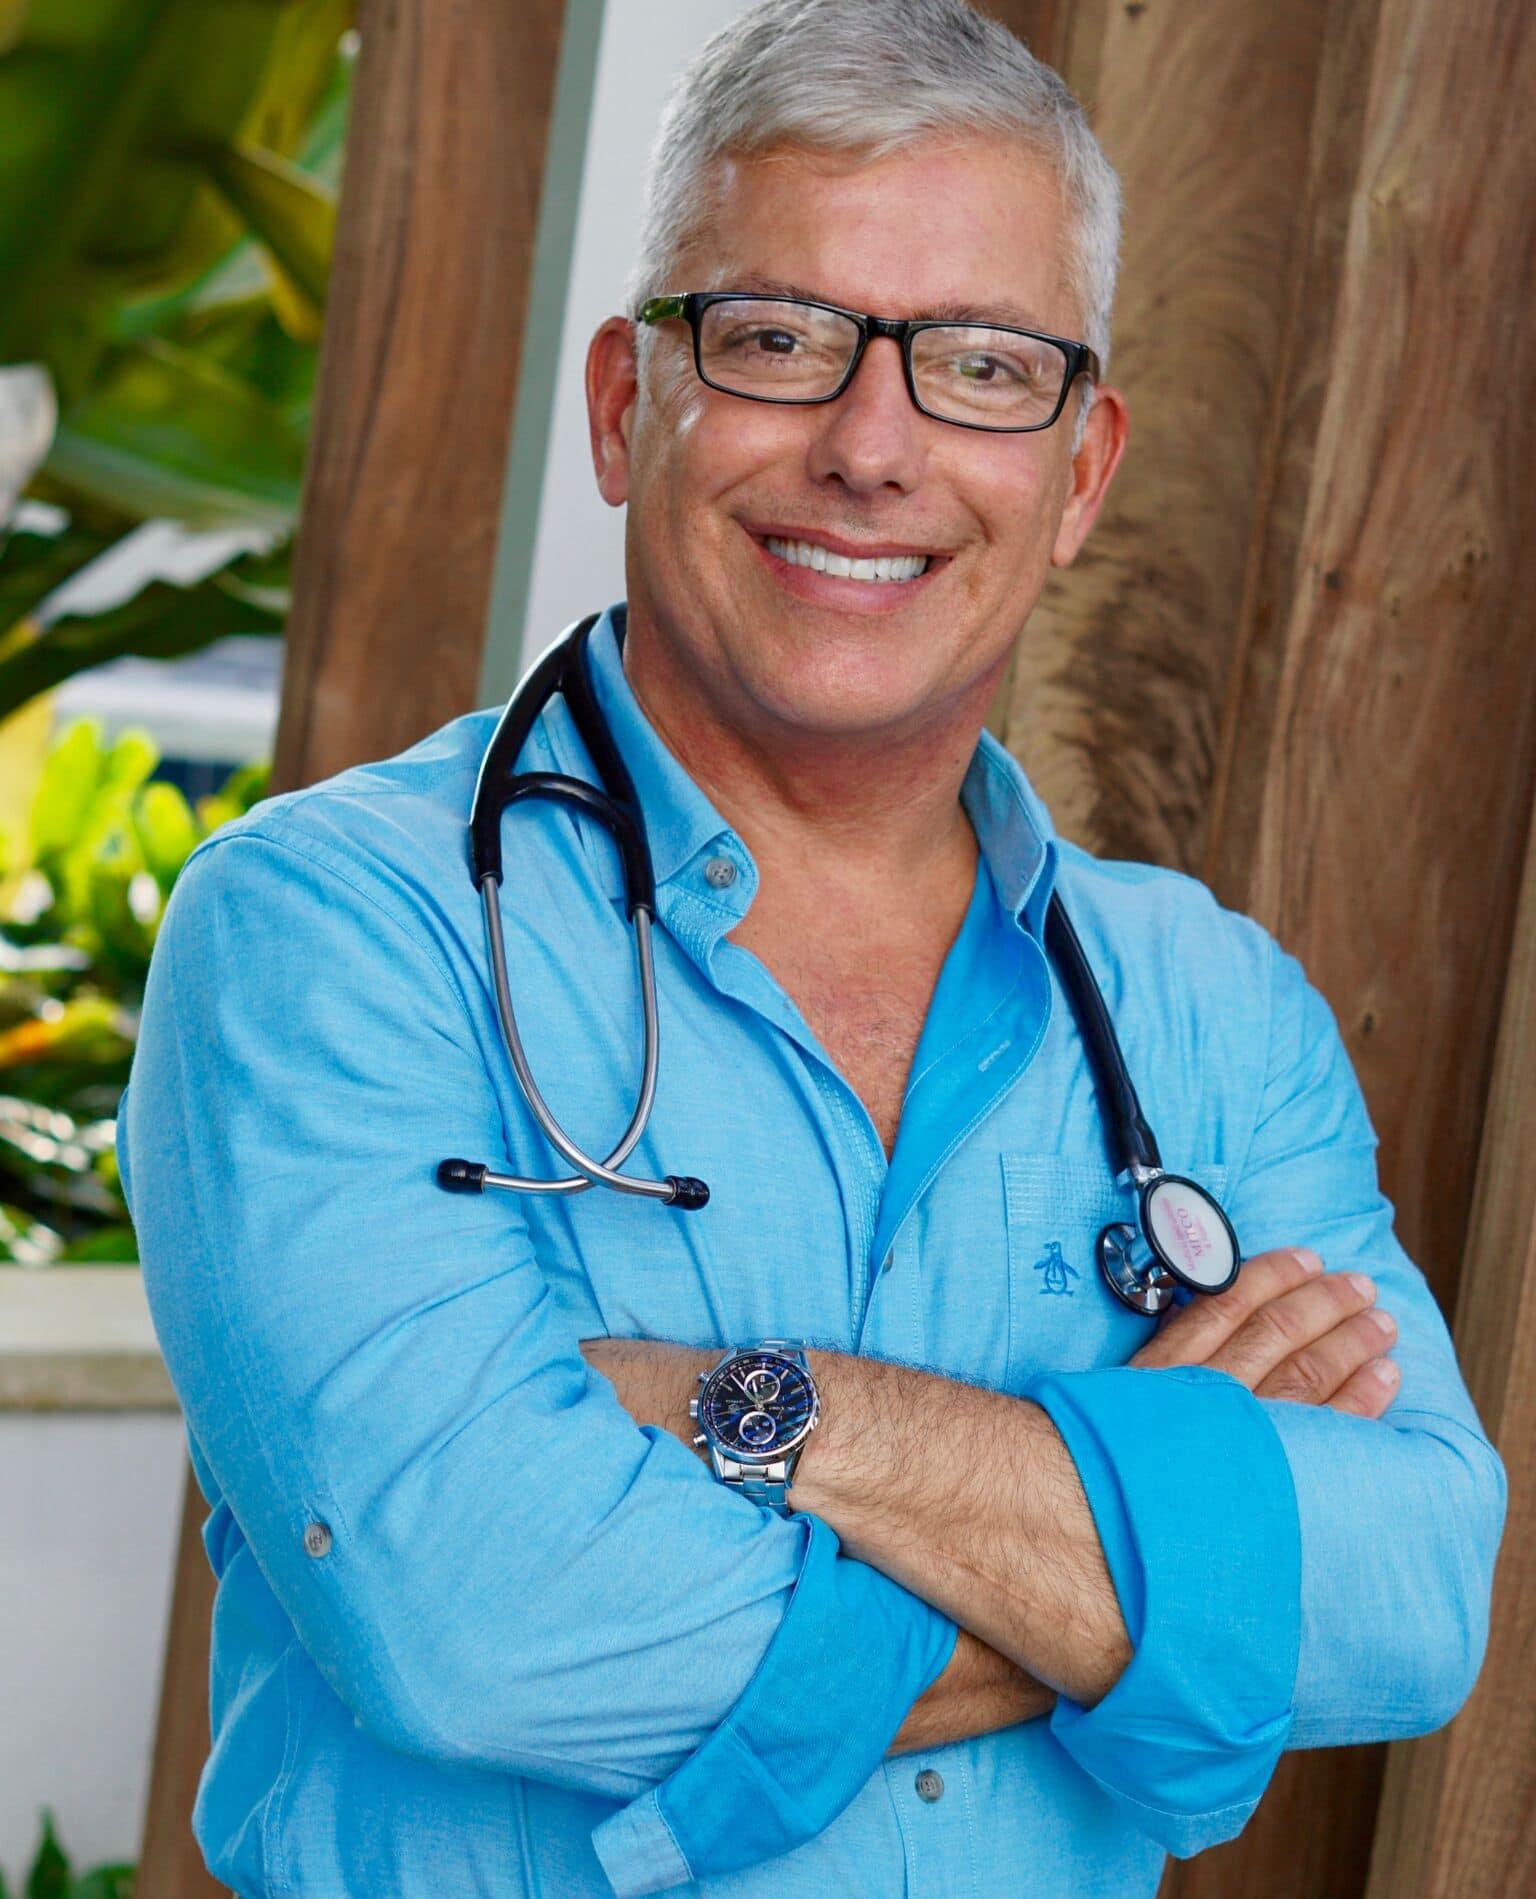 dr carlos sanchez | Healthy me medical therapies Miami